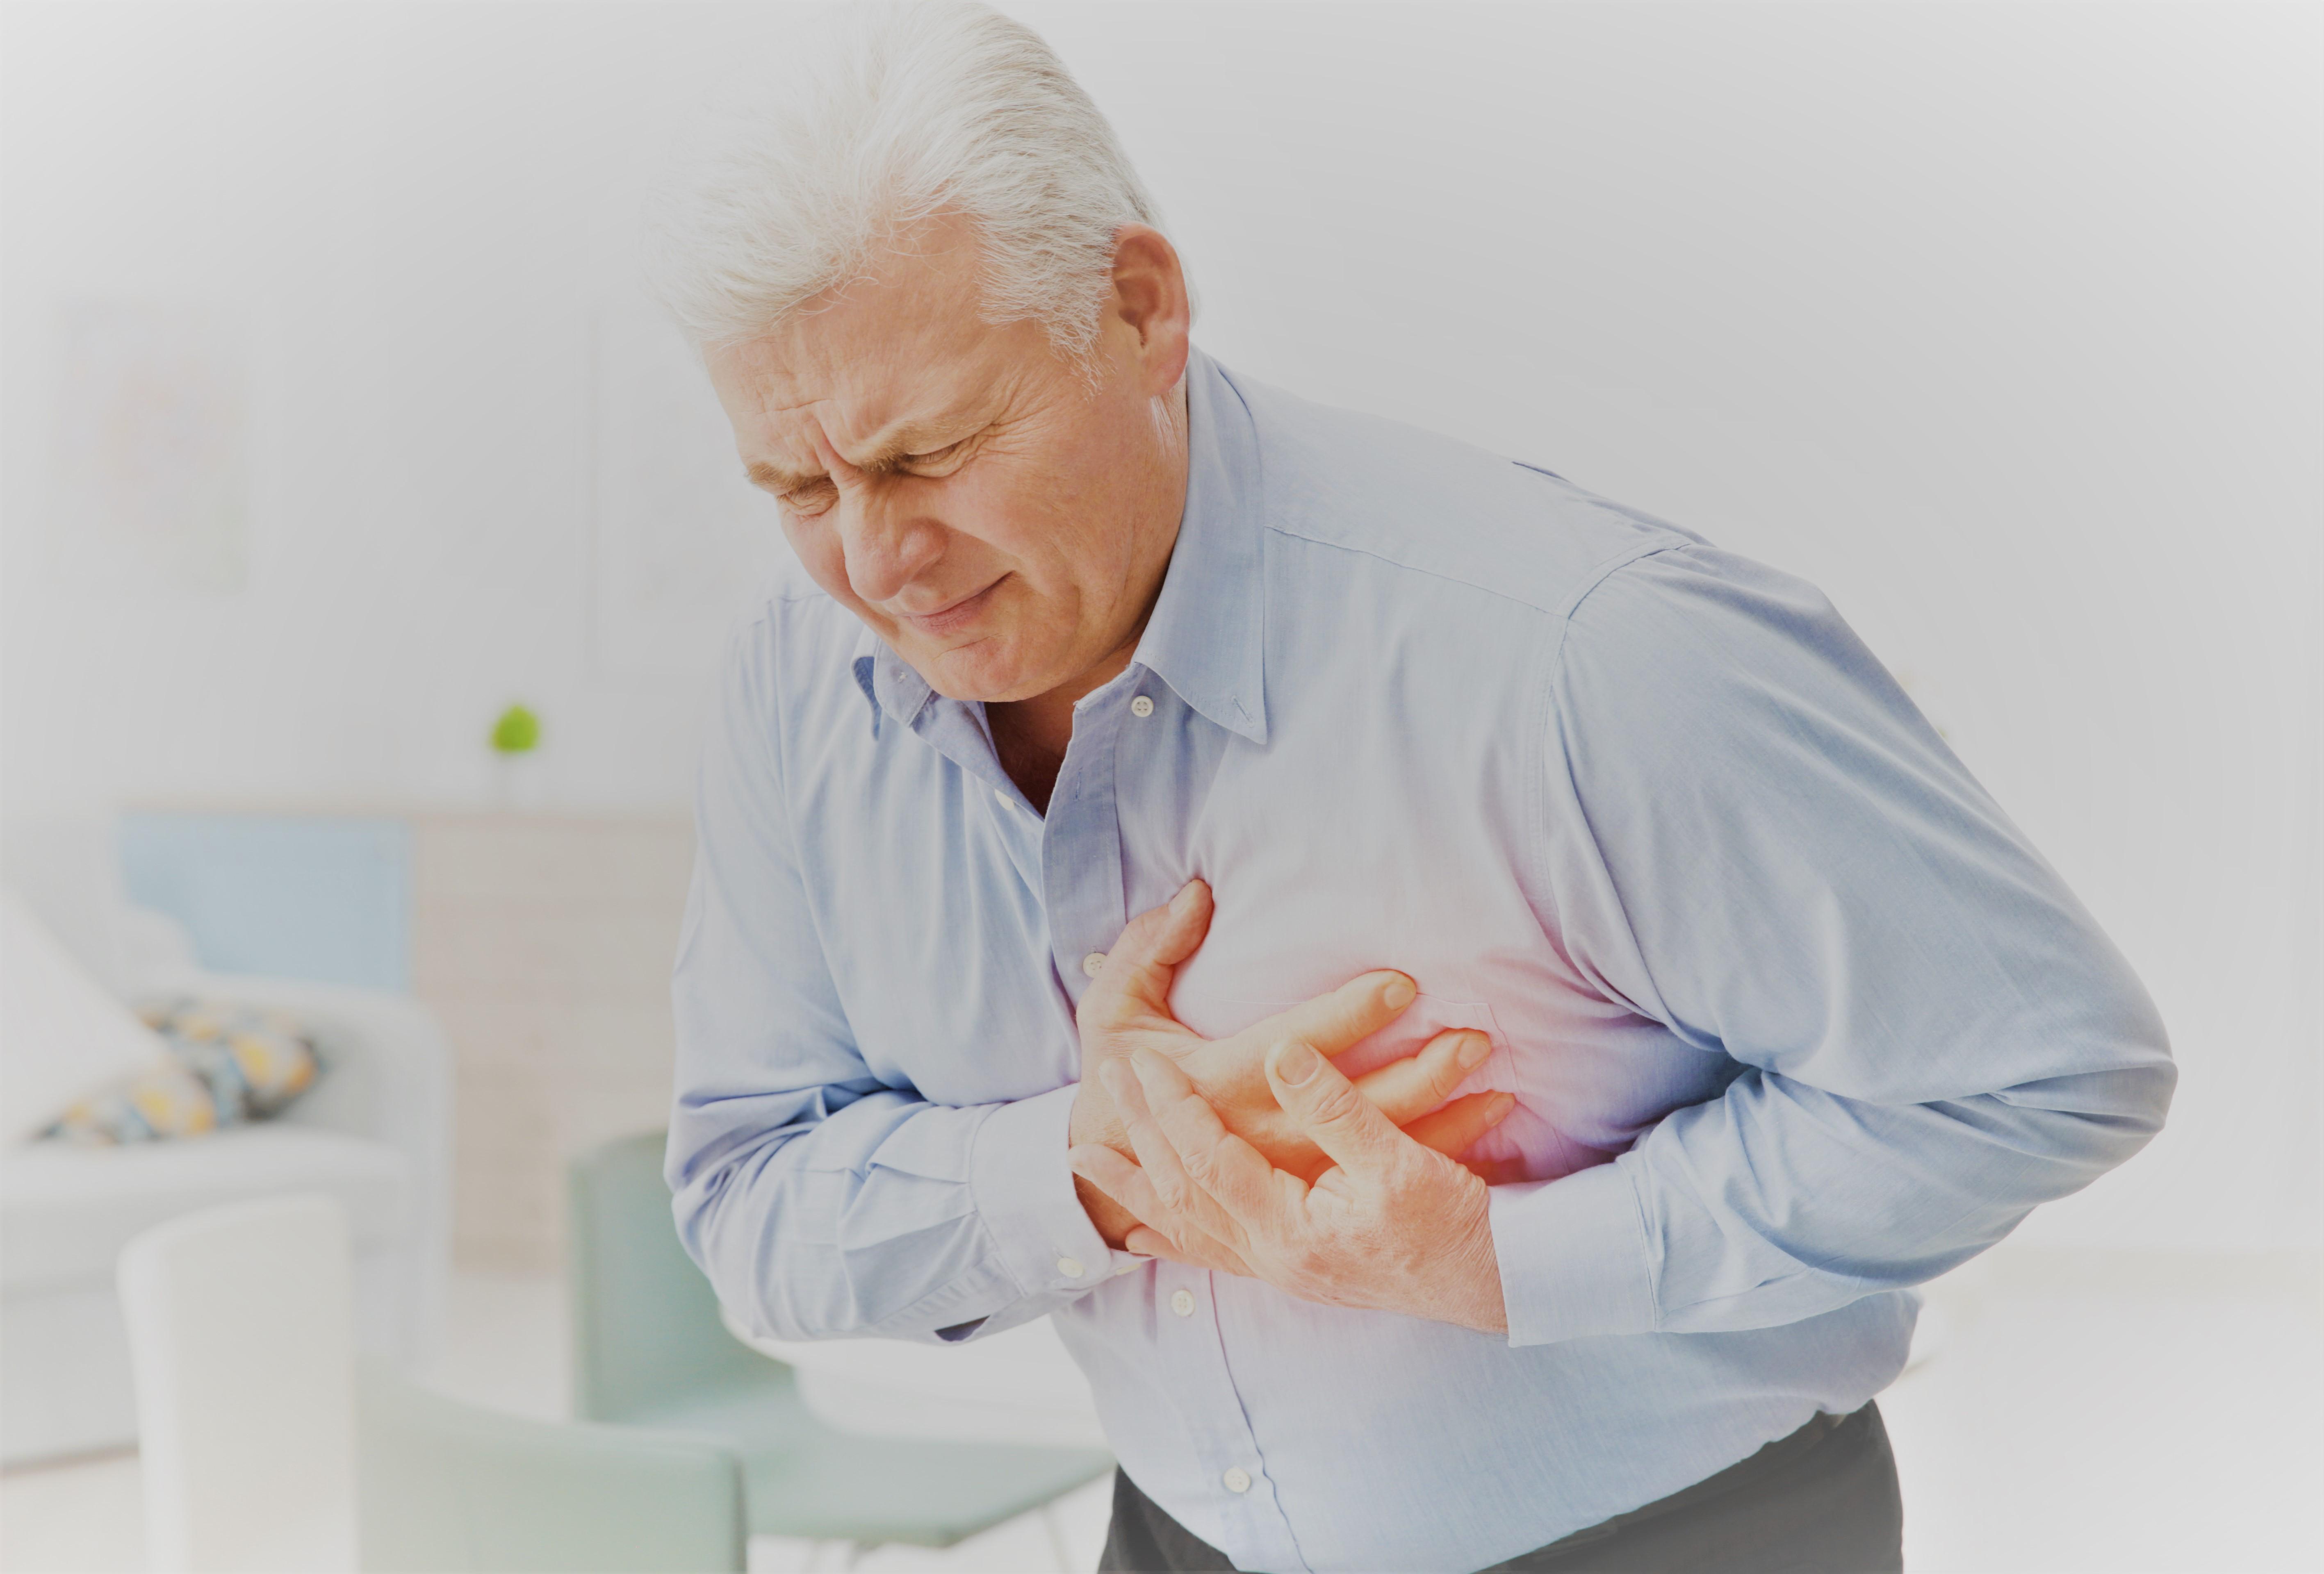 koponyacsont magas vérnyomás esetén magas vérnyomás 1 fok 4 szakasz